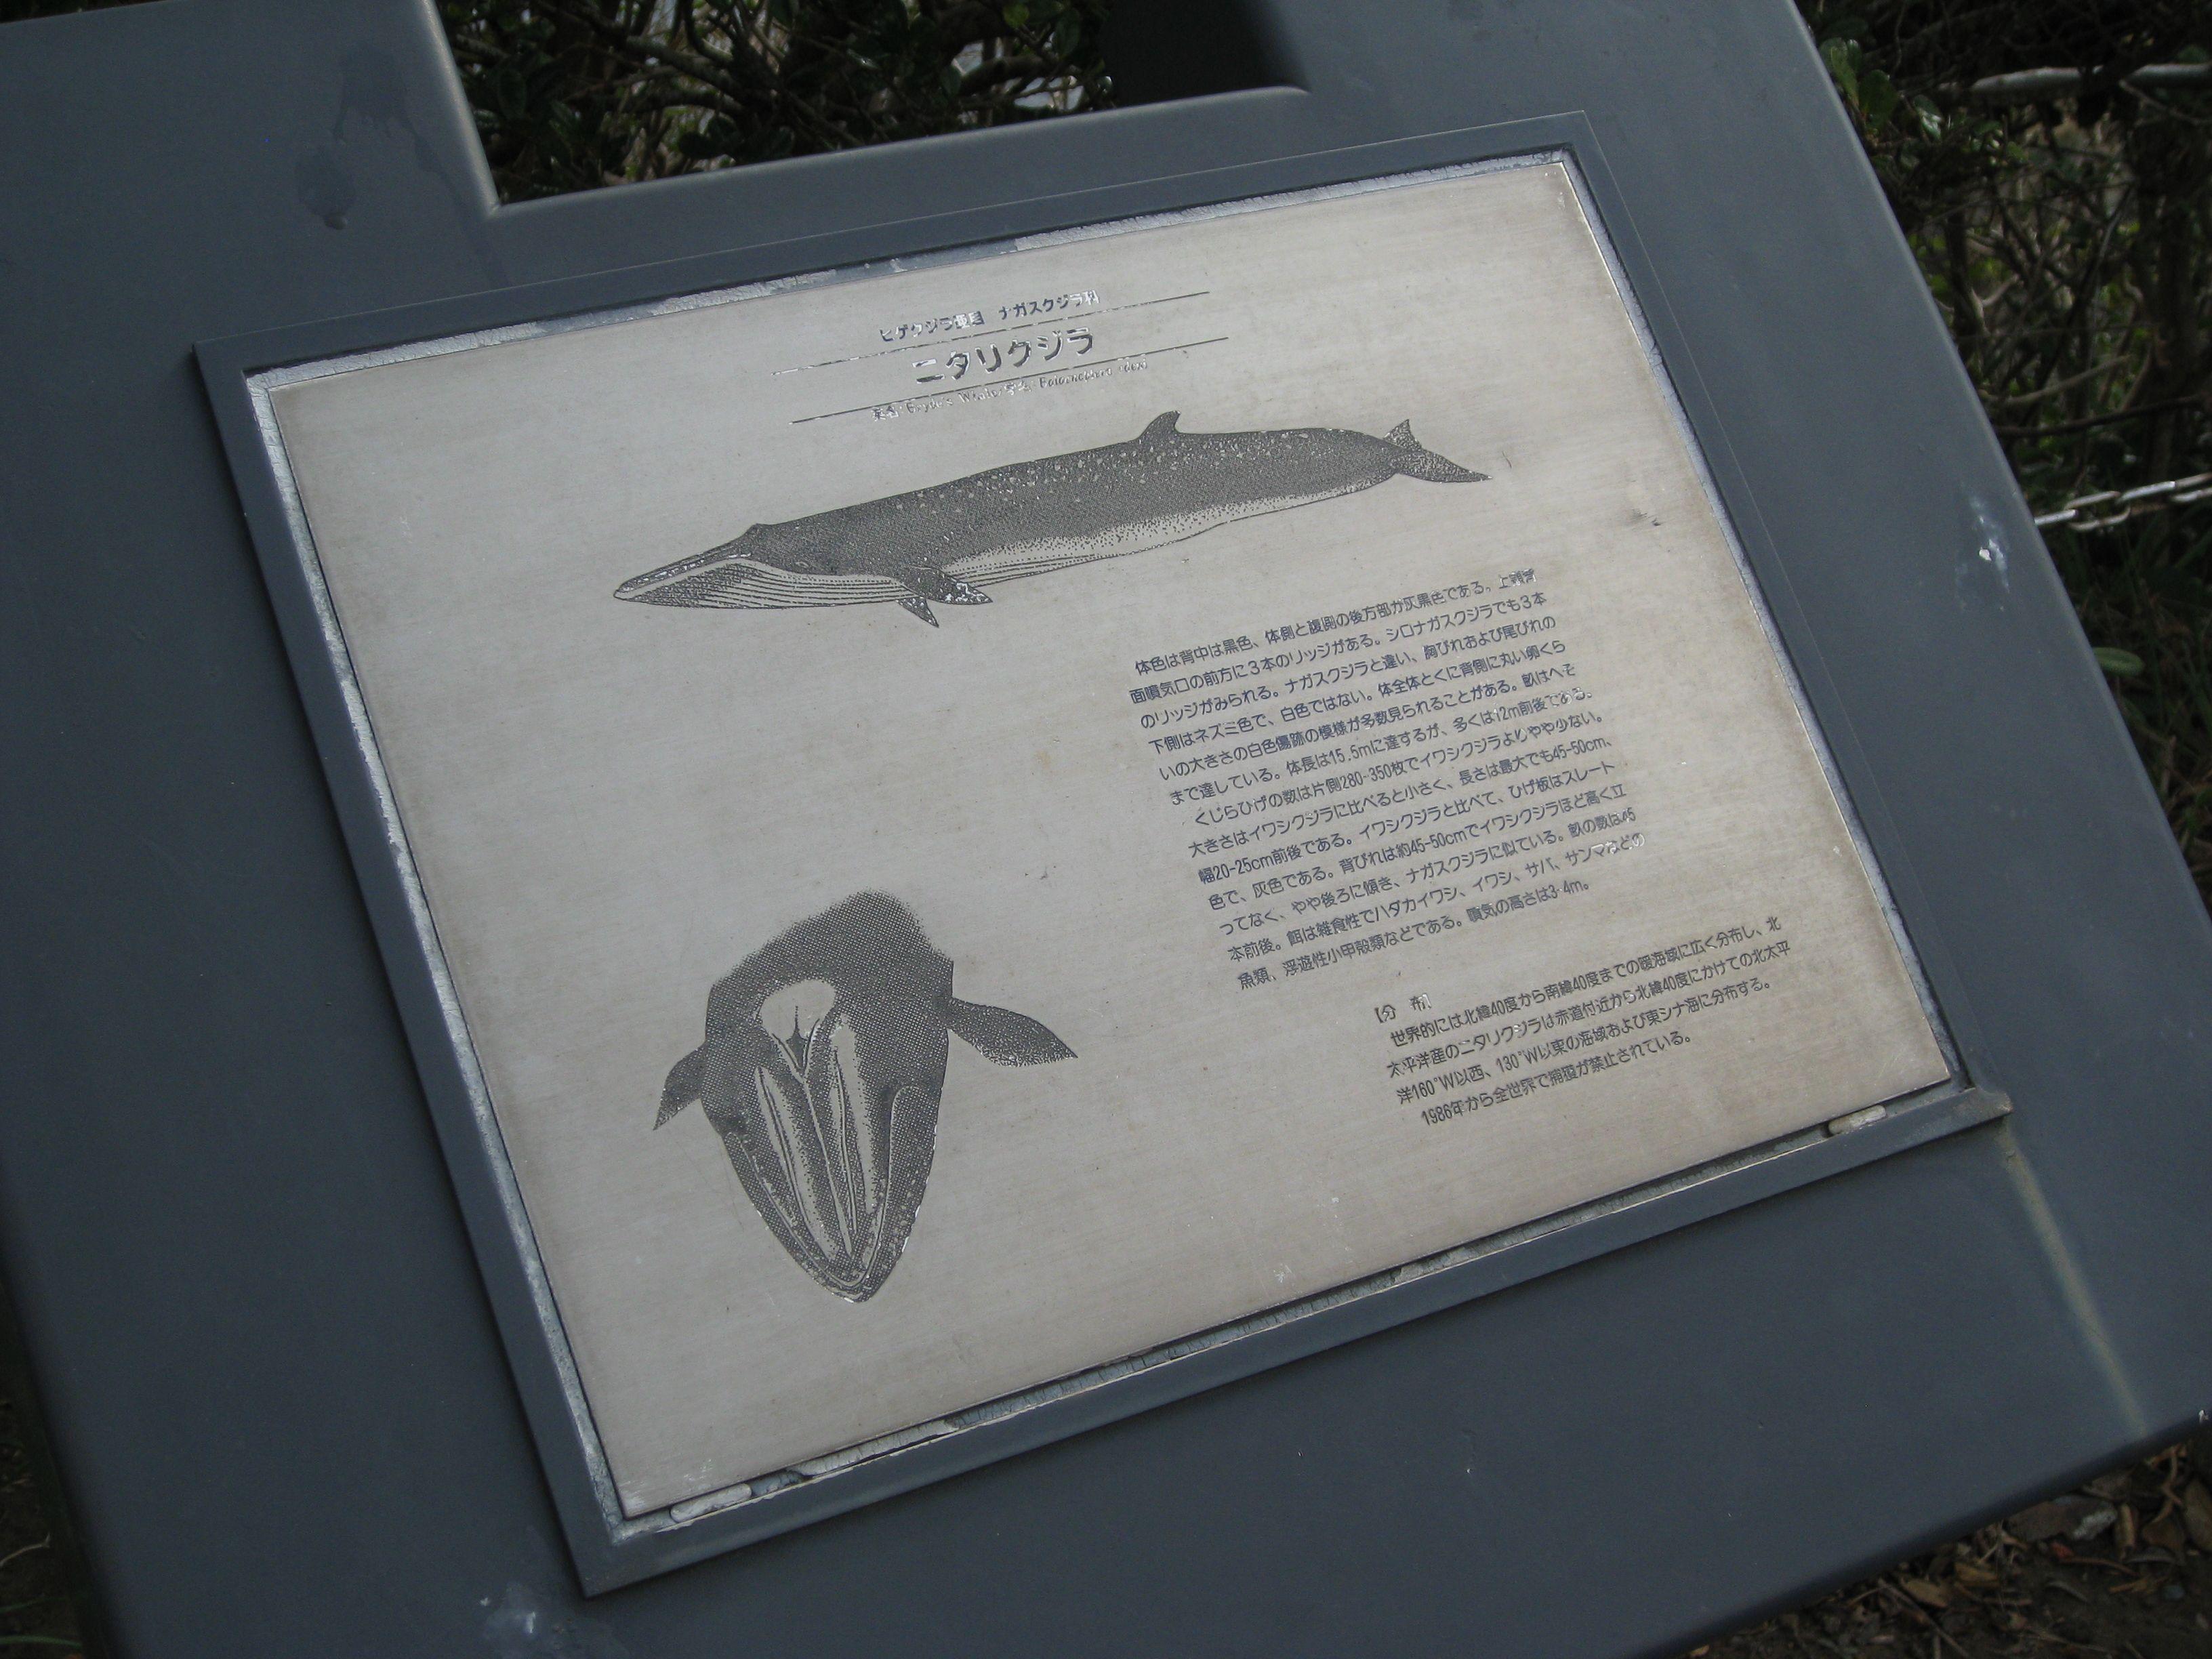 このように、様々な場所に、鯨の解説が書かれています。  散策しながら鯨博士になれるというわけです。